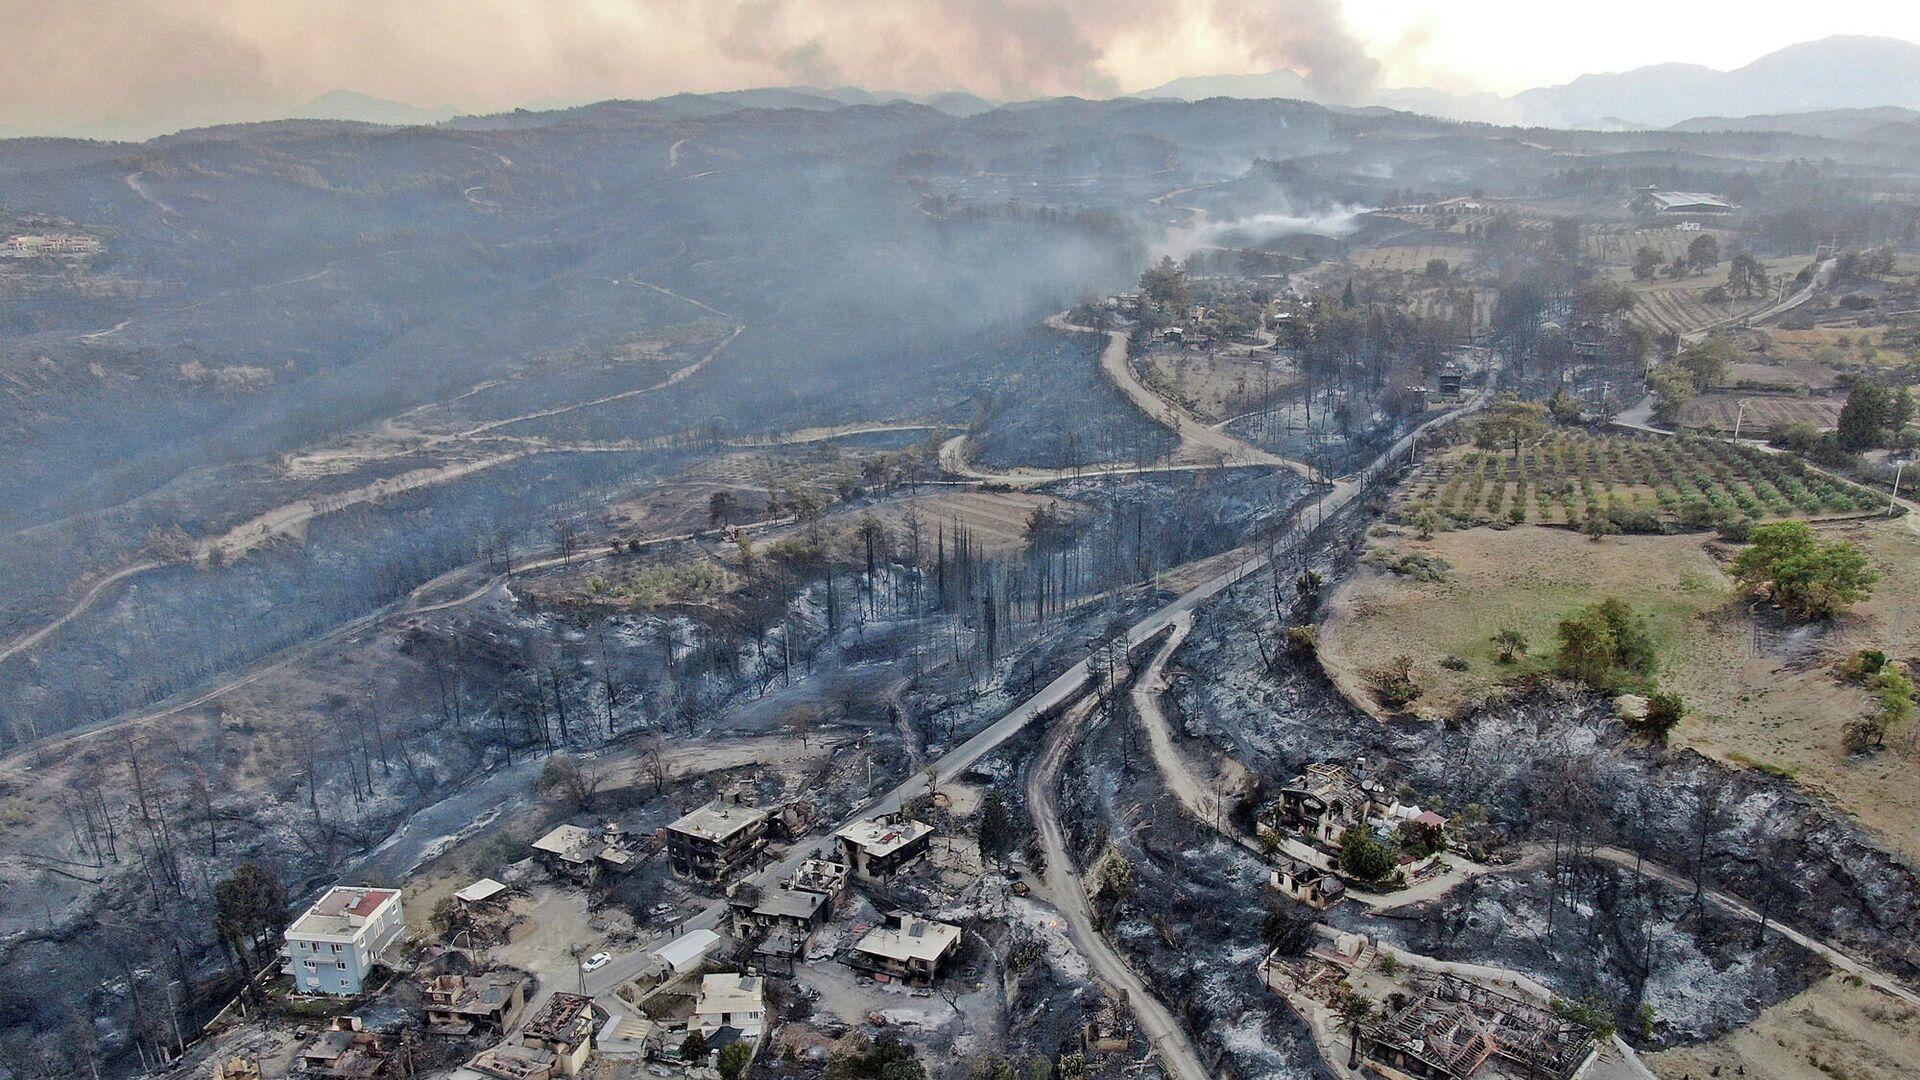 Последствия лесных пожаров в Манавгате, провинция Анталья, Турция - РИА Новости, 1920, 29.07.2021